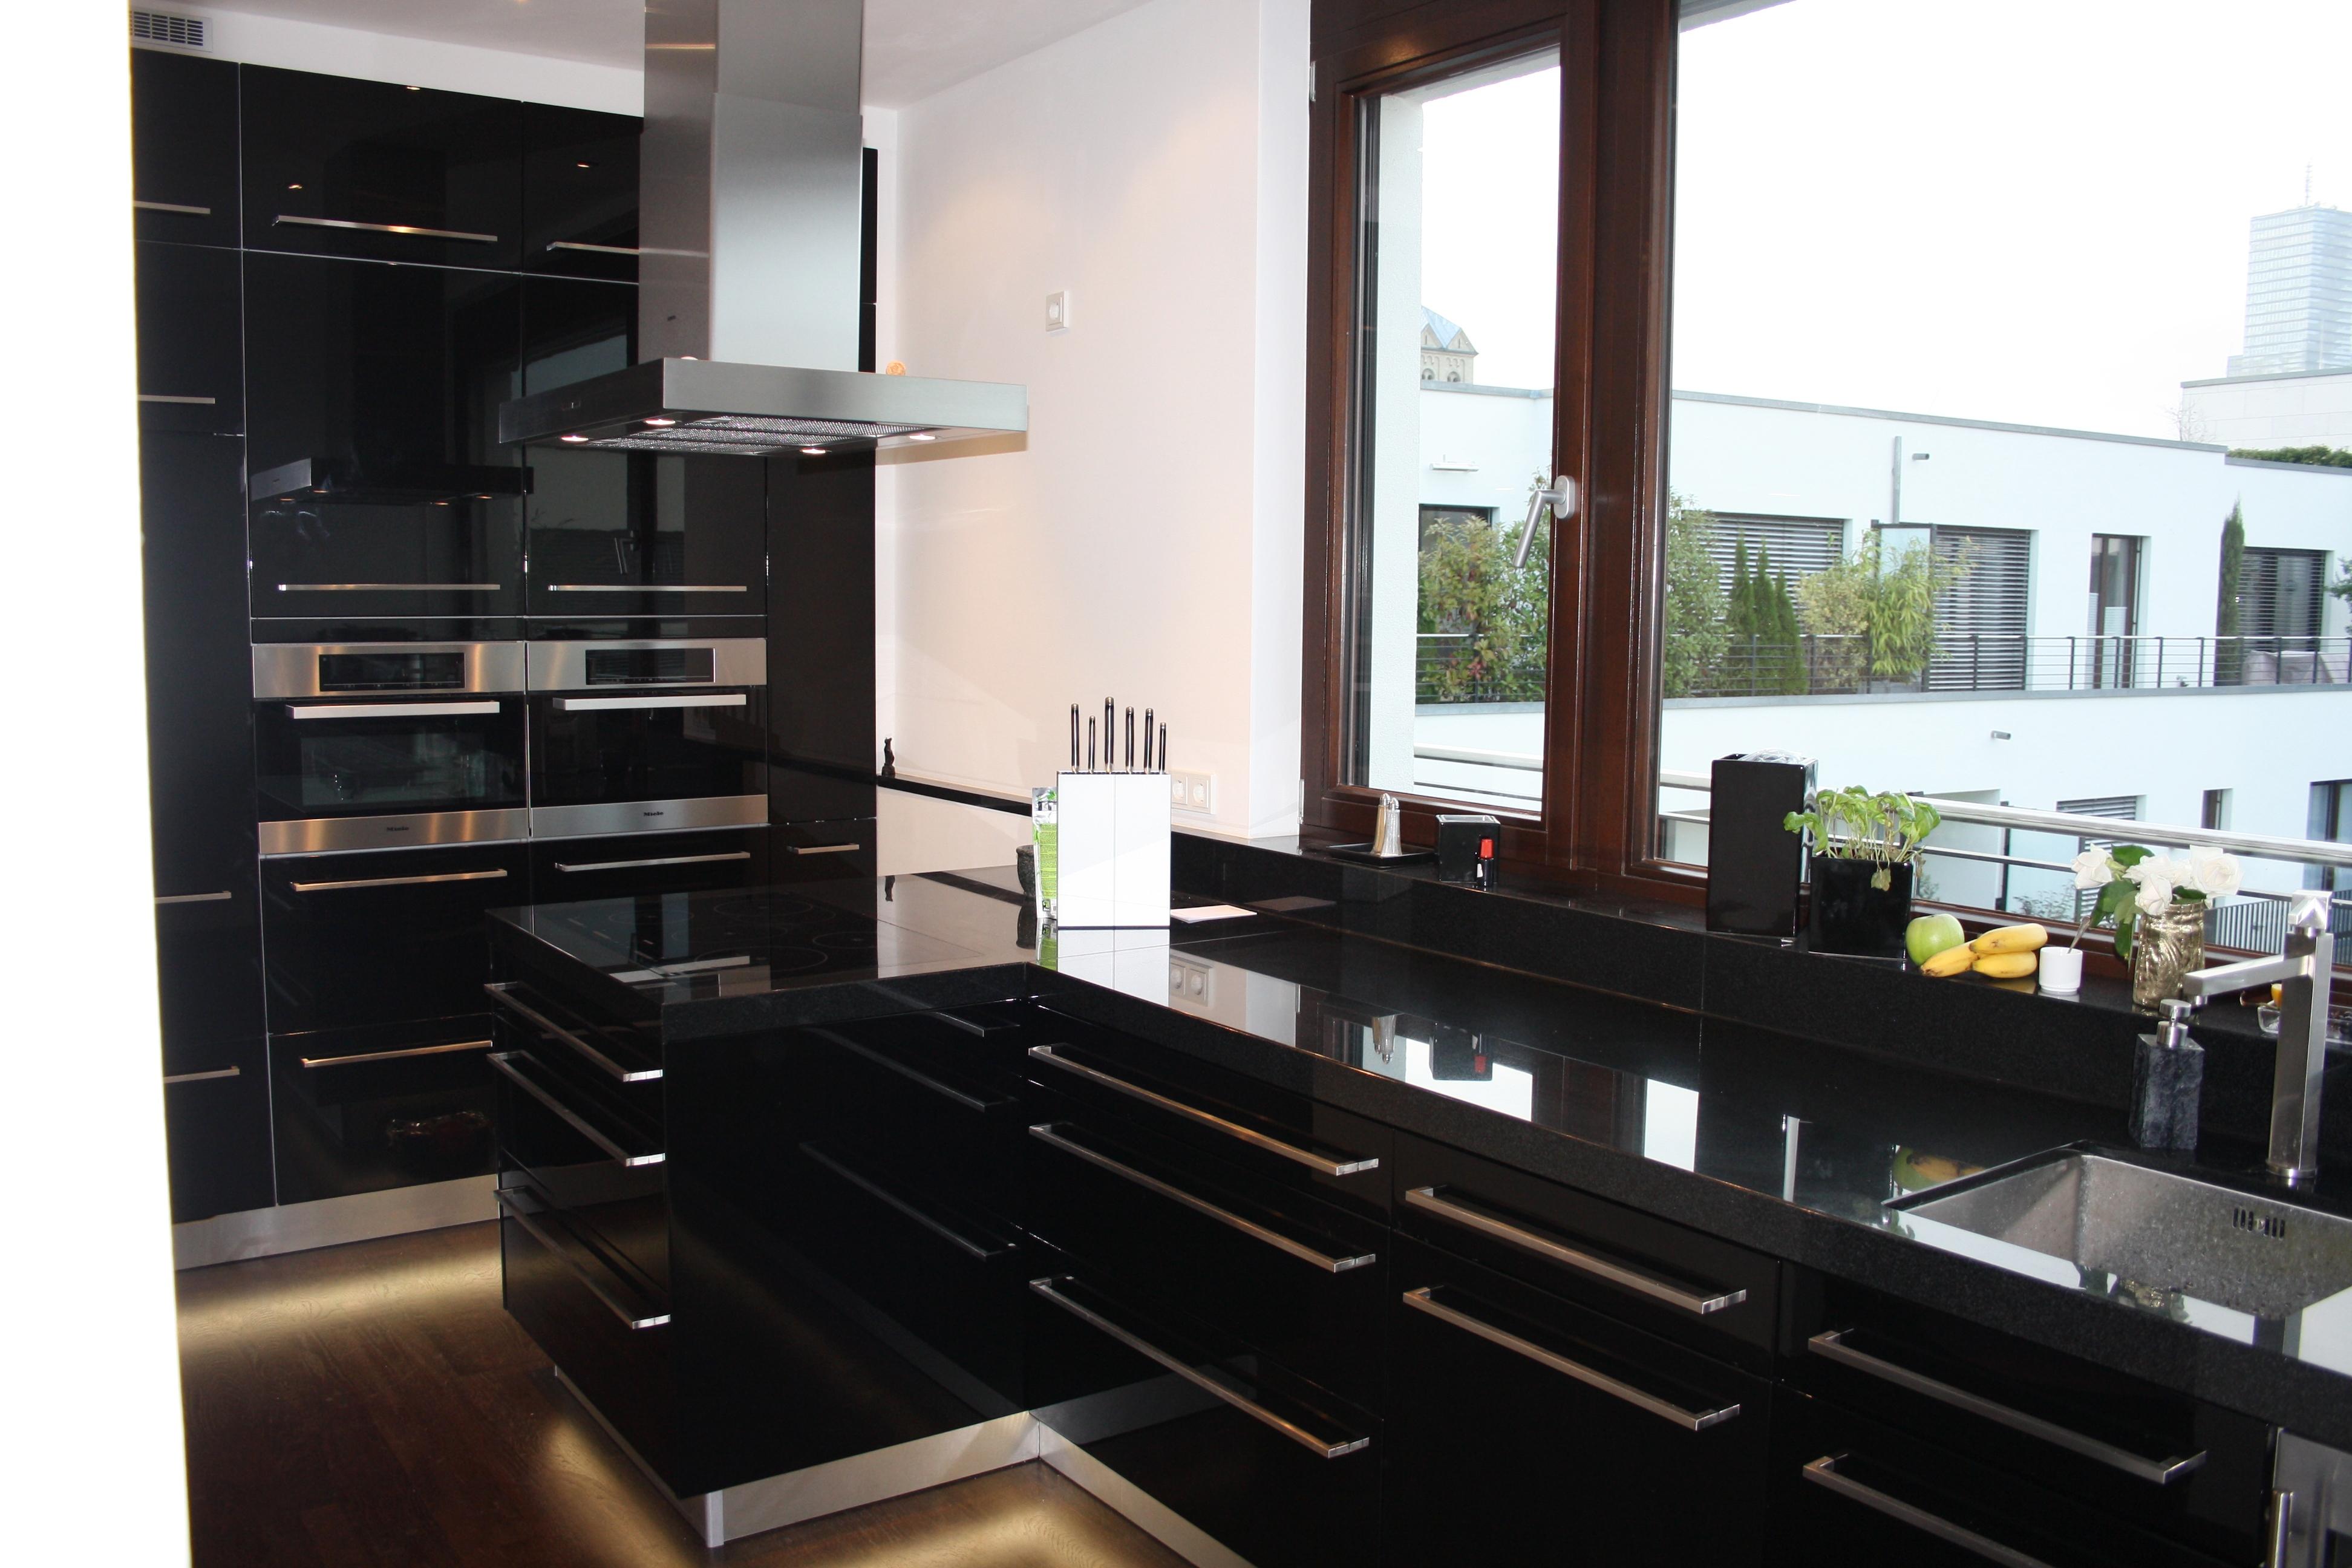 Küche in Köln Penthouse Wohnung - Mayer-Wohnharmonie